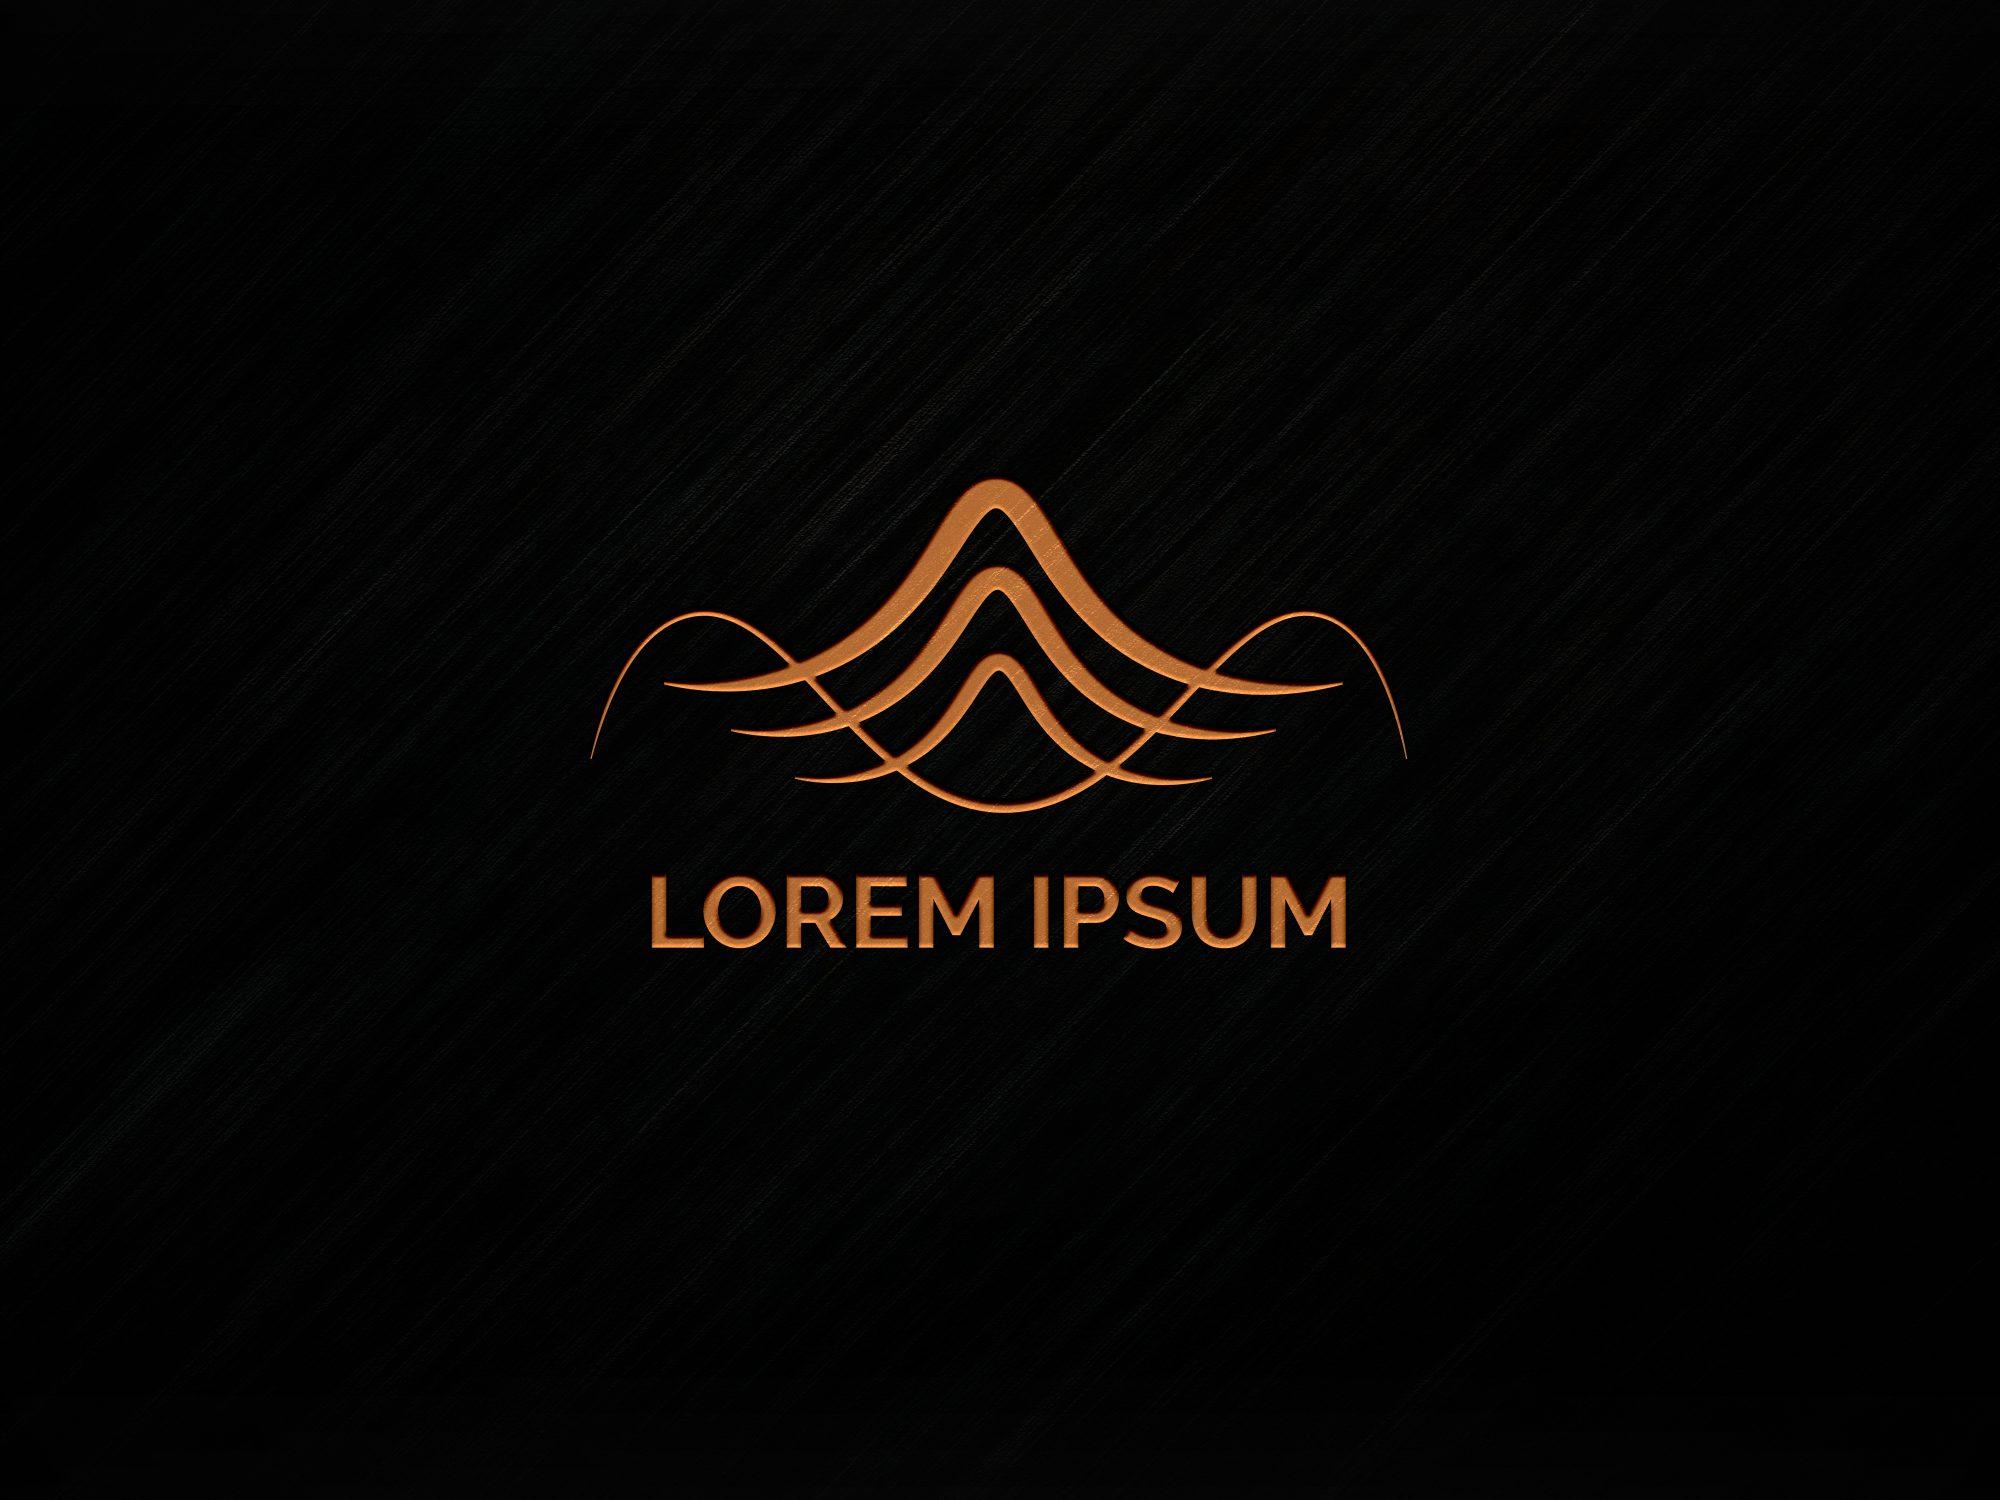 Minimal Logo Mockup with Orange Logo